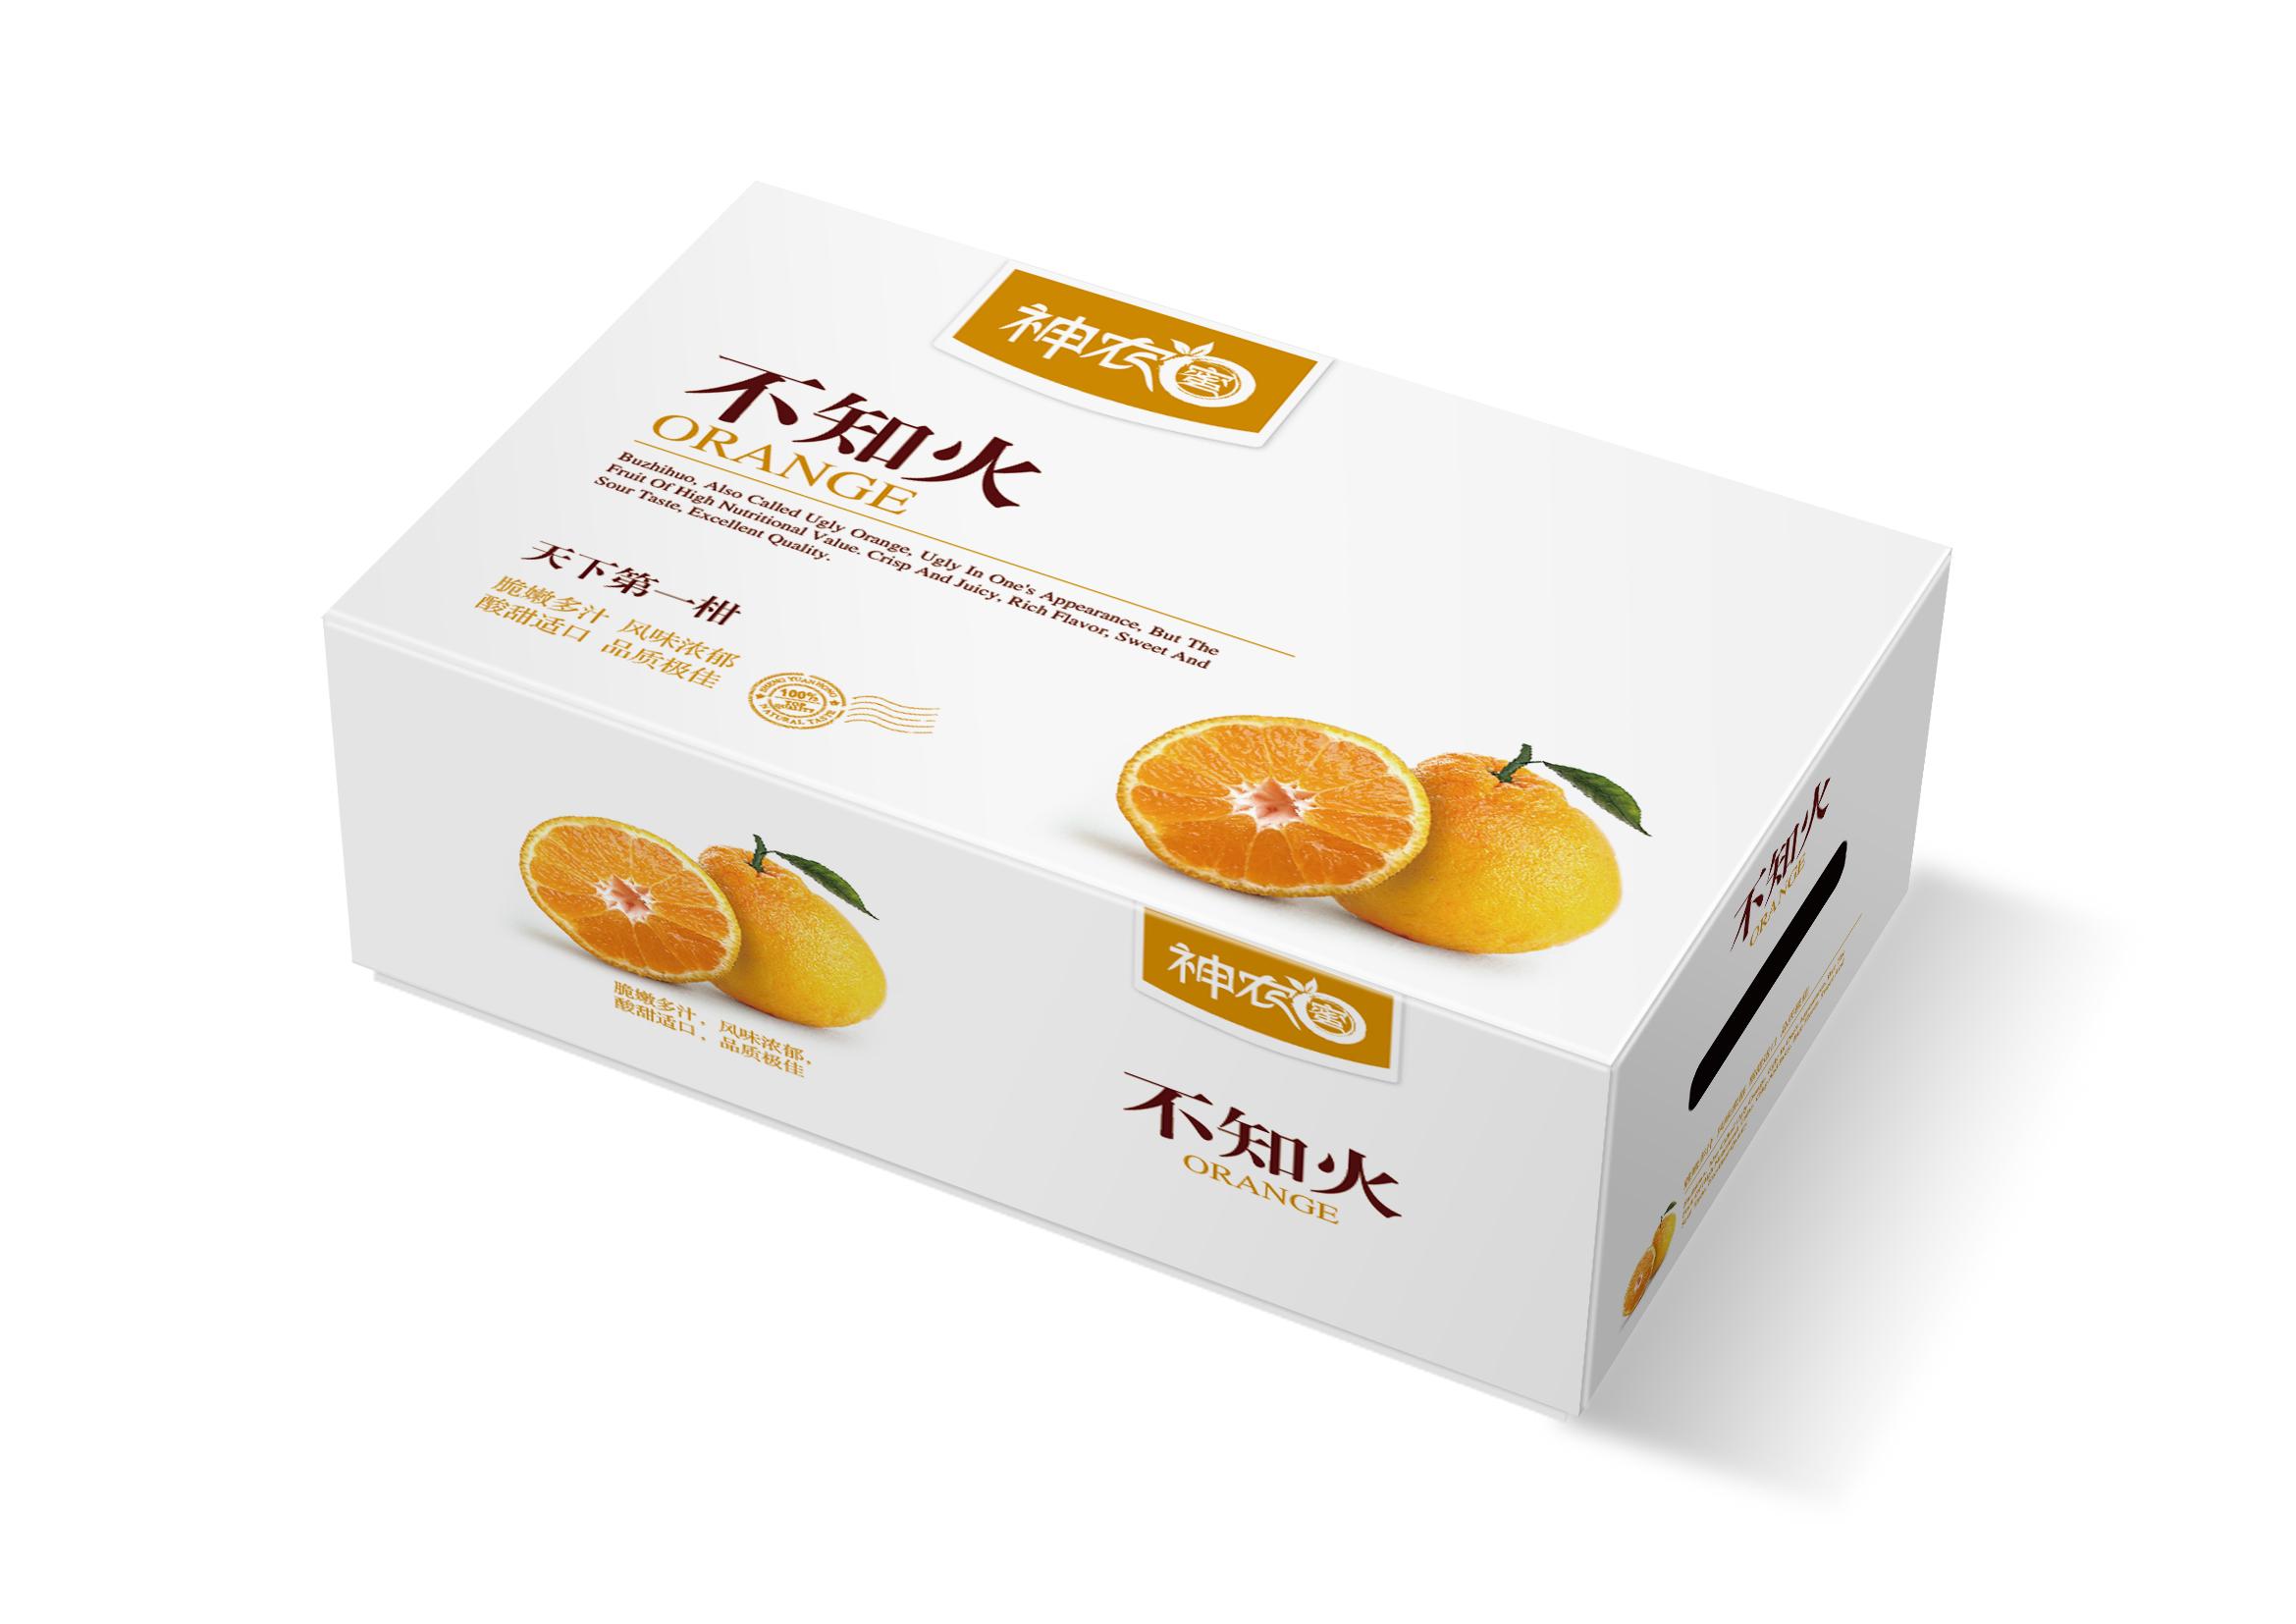 水果包装盒|水果包装盒定制|水果包装盒生产|纸质水果包装盒